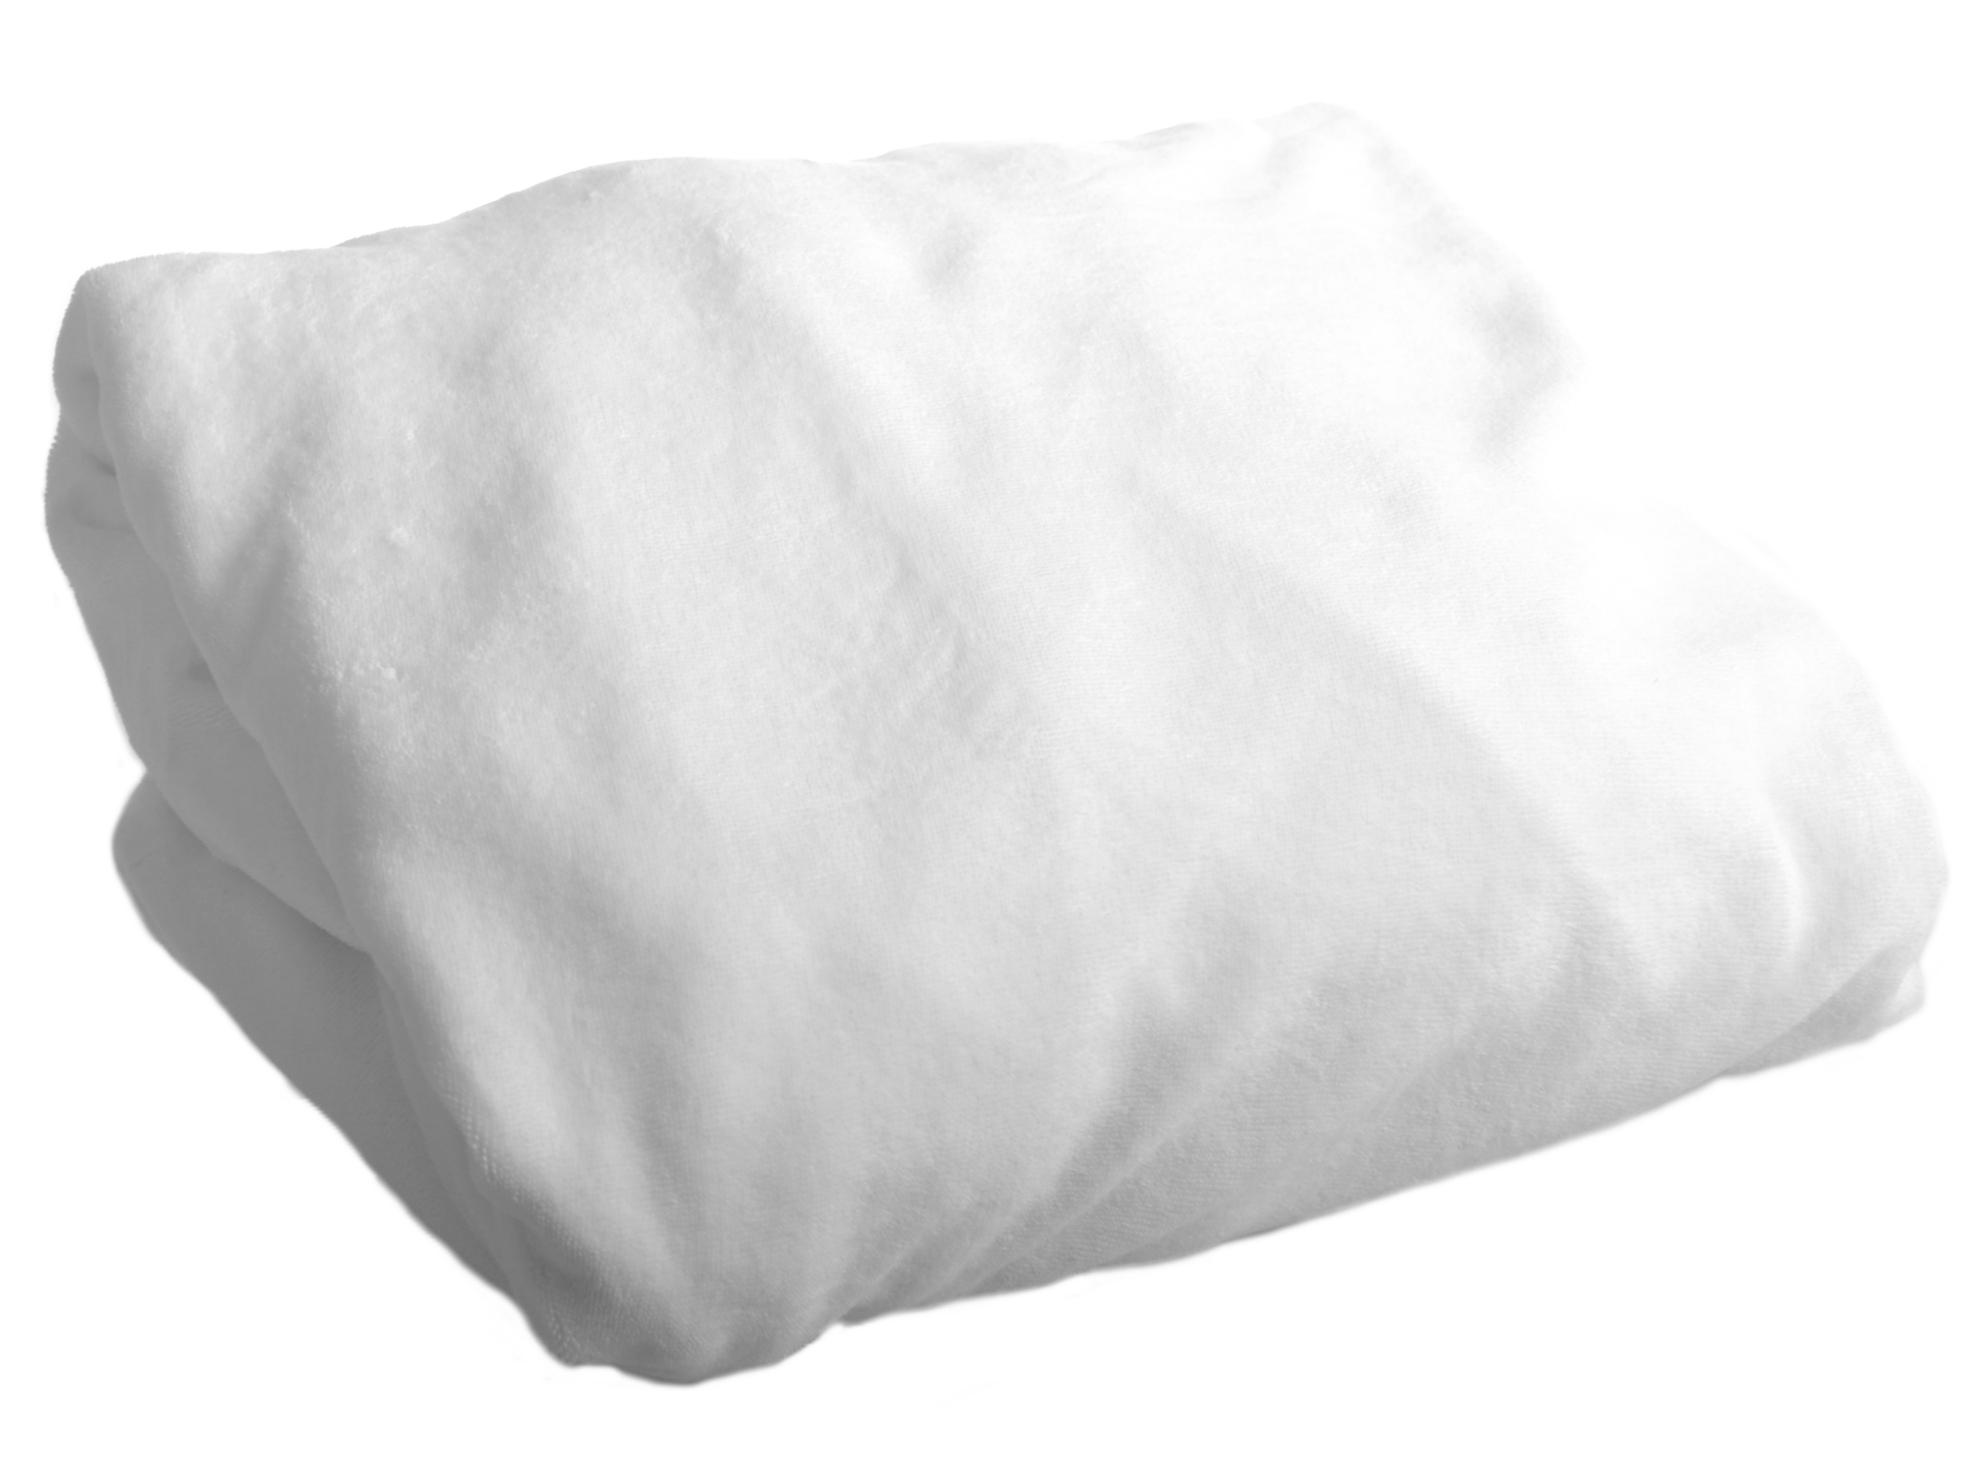 Ochranný potah na lehátko Weelko WKE002.A26 - bílý (3347001-01) + DÁREK ZDARMA